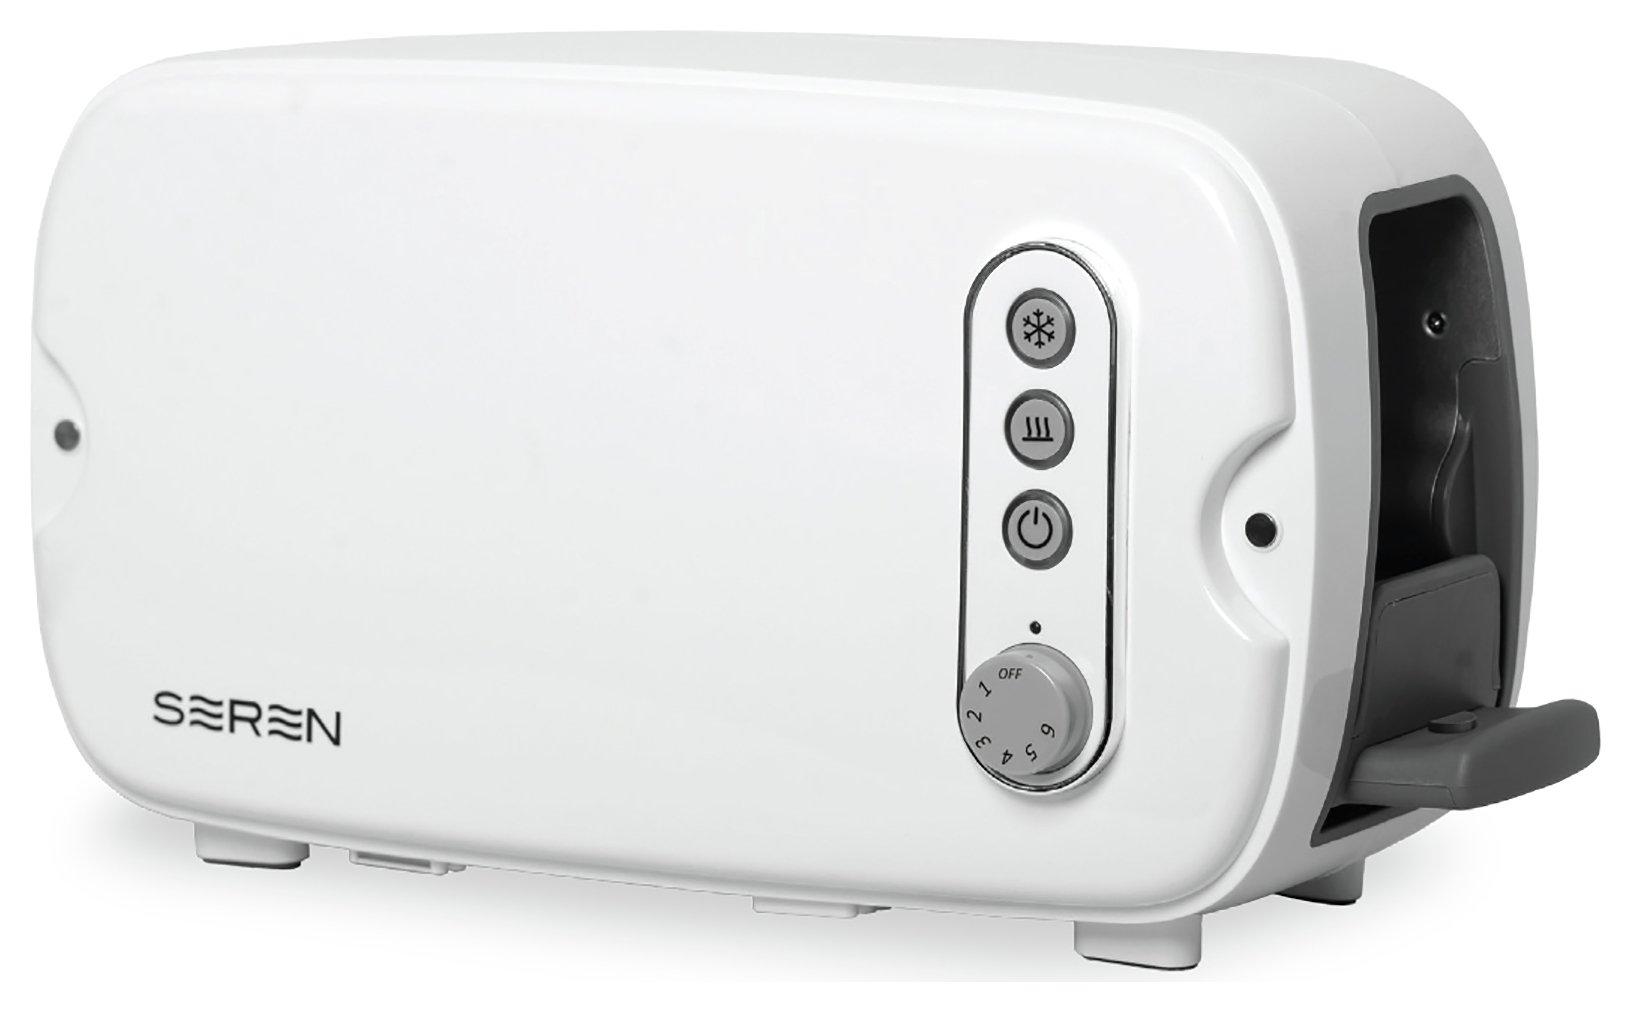 Seren Multifunction Toaster